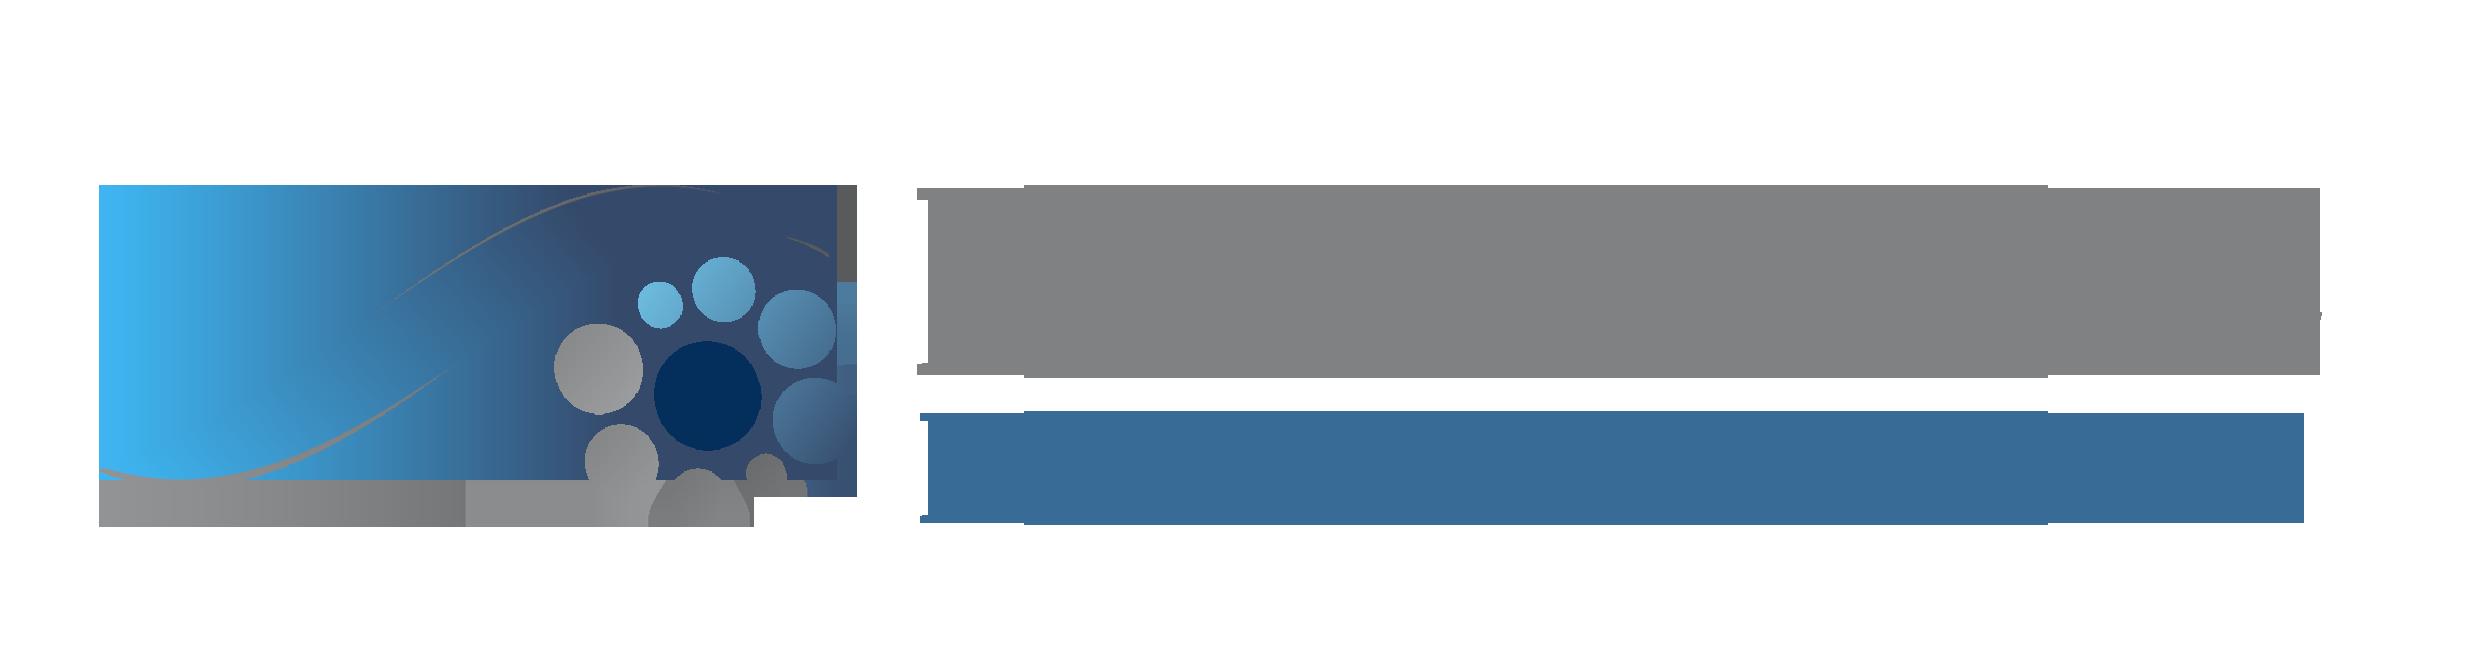 Κανιούρας  Δήμος -Xειρουργός Oφθαλμίατρος Θεσσαλονίκη | χειρούργος οφθαλμίατρος, λέιζερ για μυωπια, καταρρακτης, laser για γλαυκωμα